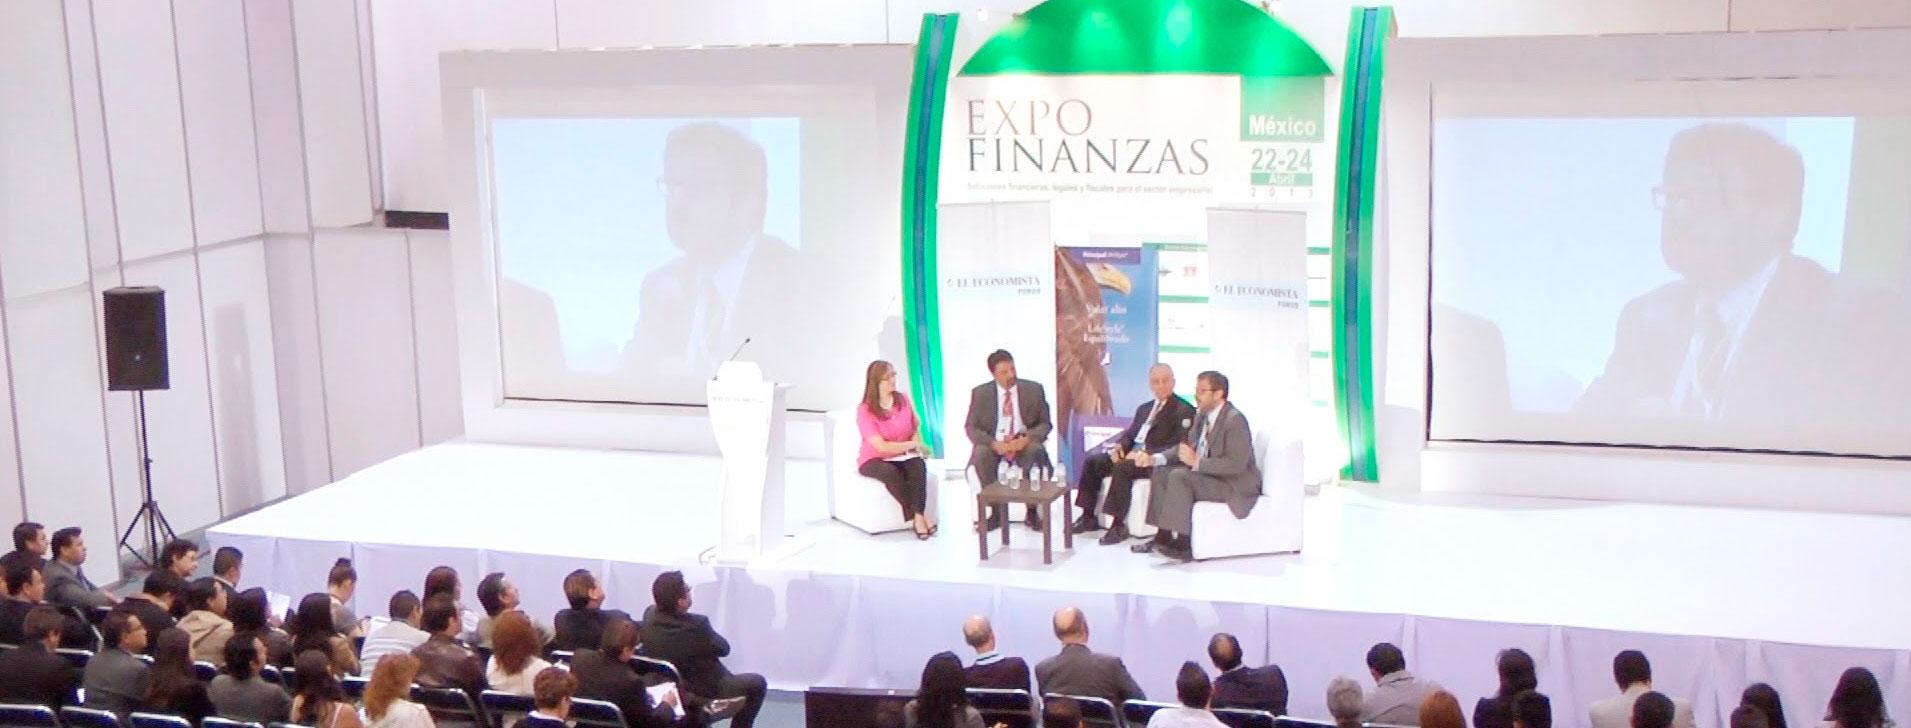 Expofinanzas Mexico Df